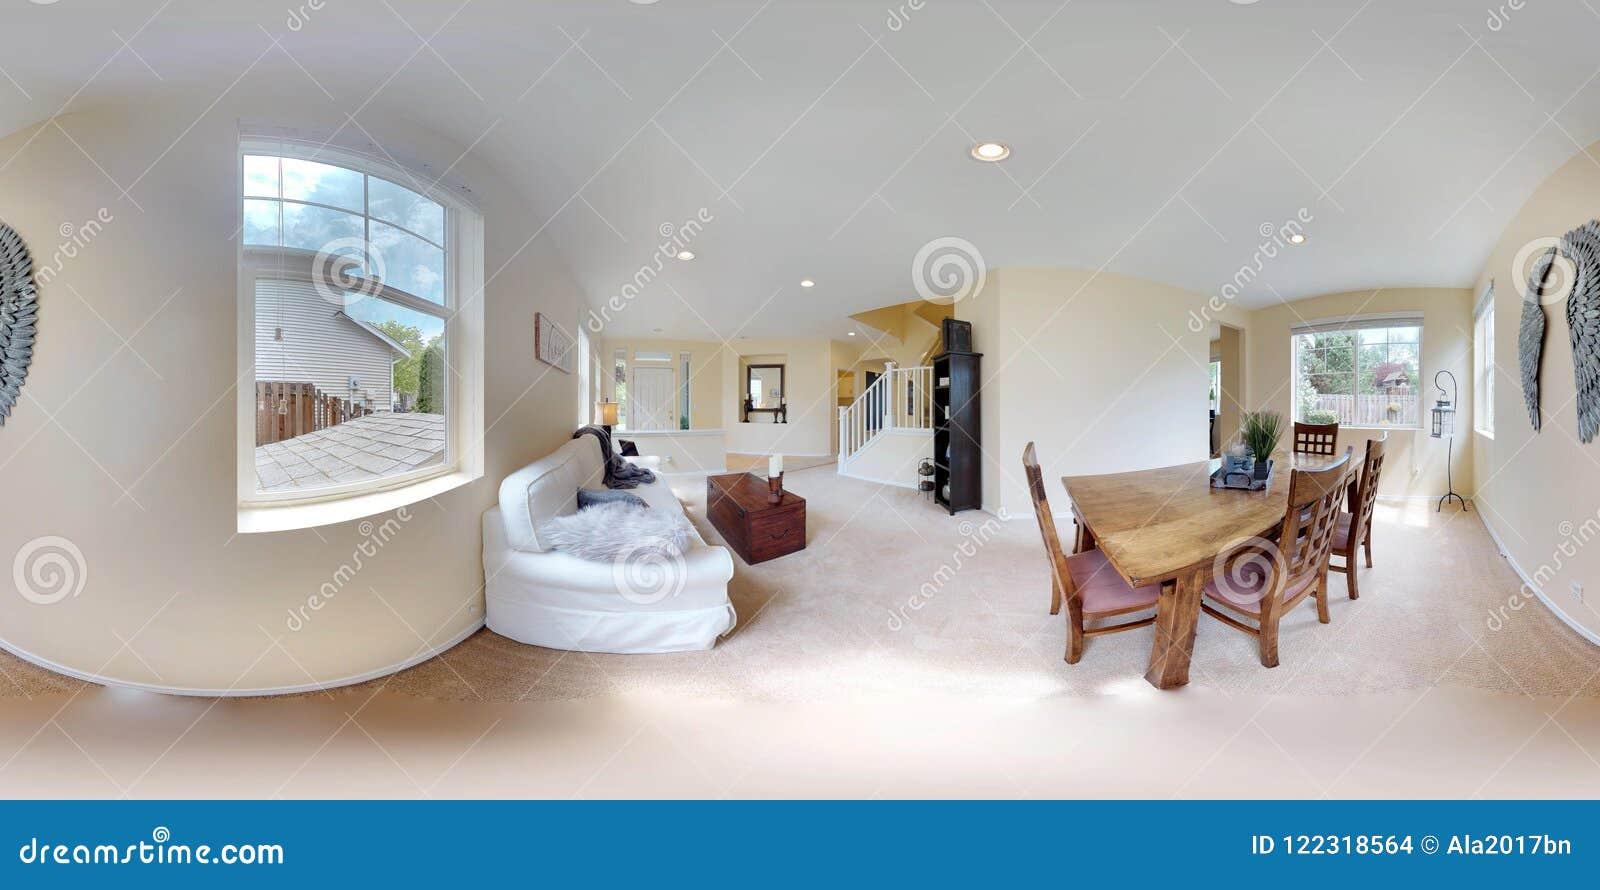 Kugelförmige 360 Grad der Illustration 3d, ein nahtloses Panorama des Hauptinnenraums